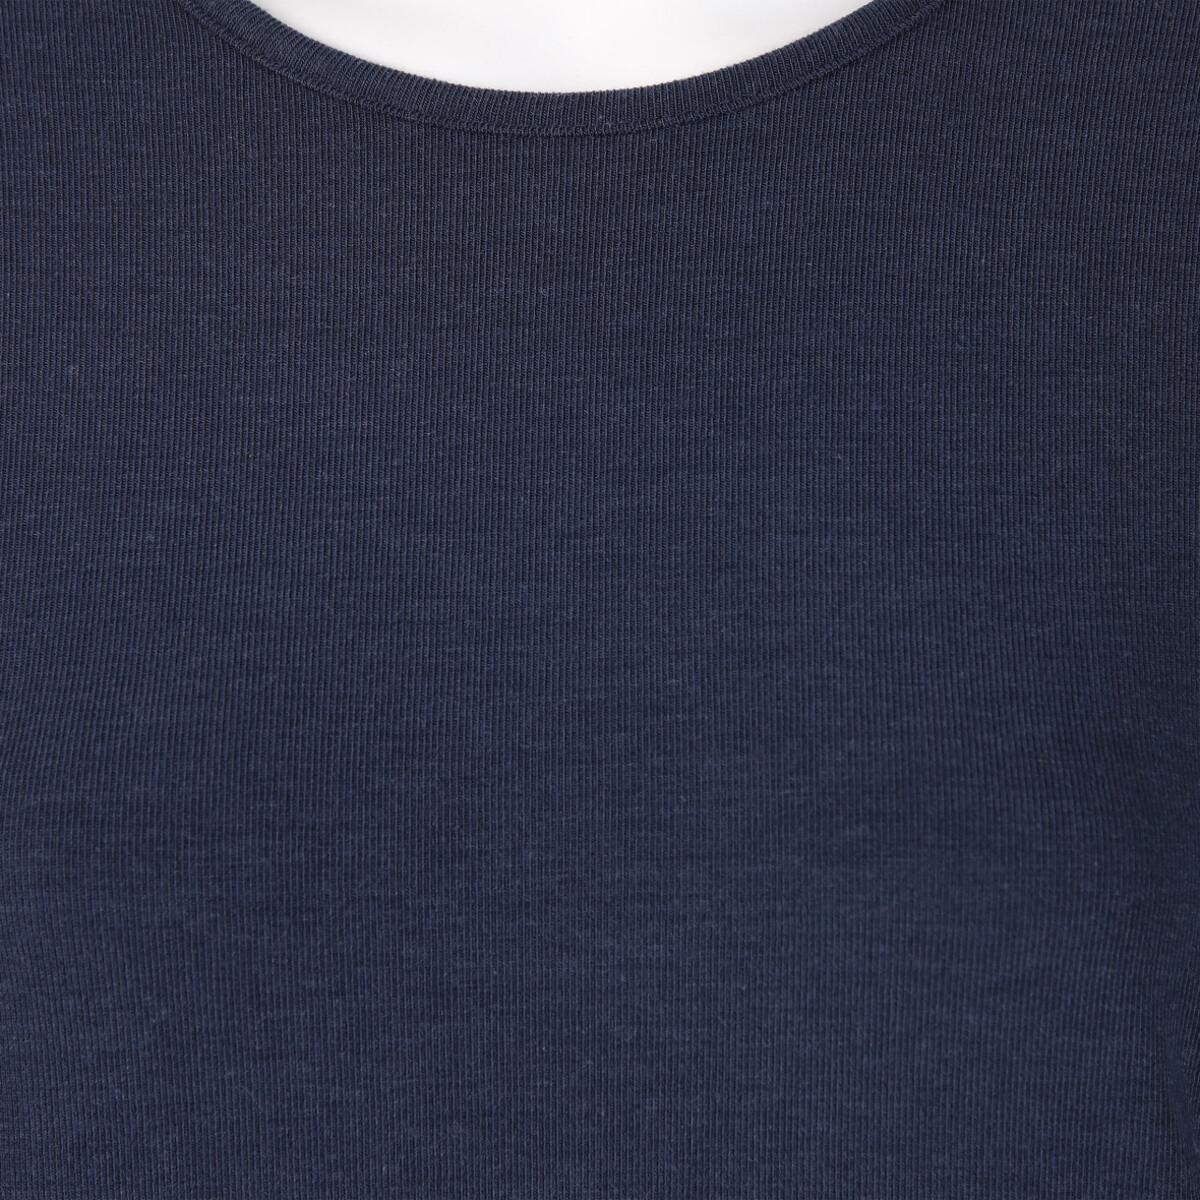 Bild 3 von Only ONLGLAMOUR 3/4 TOP JR Shirt